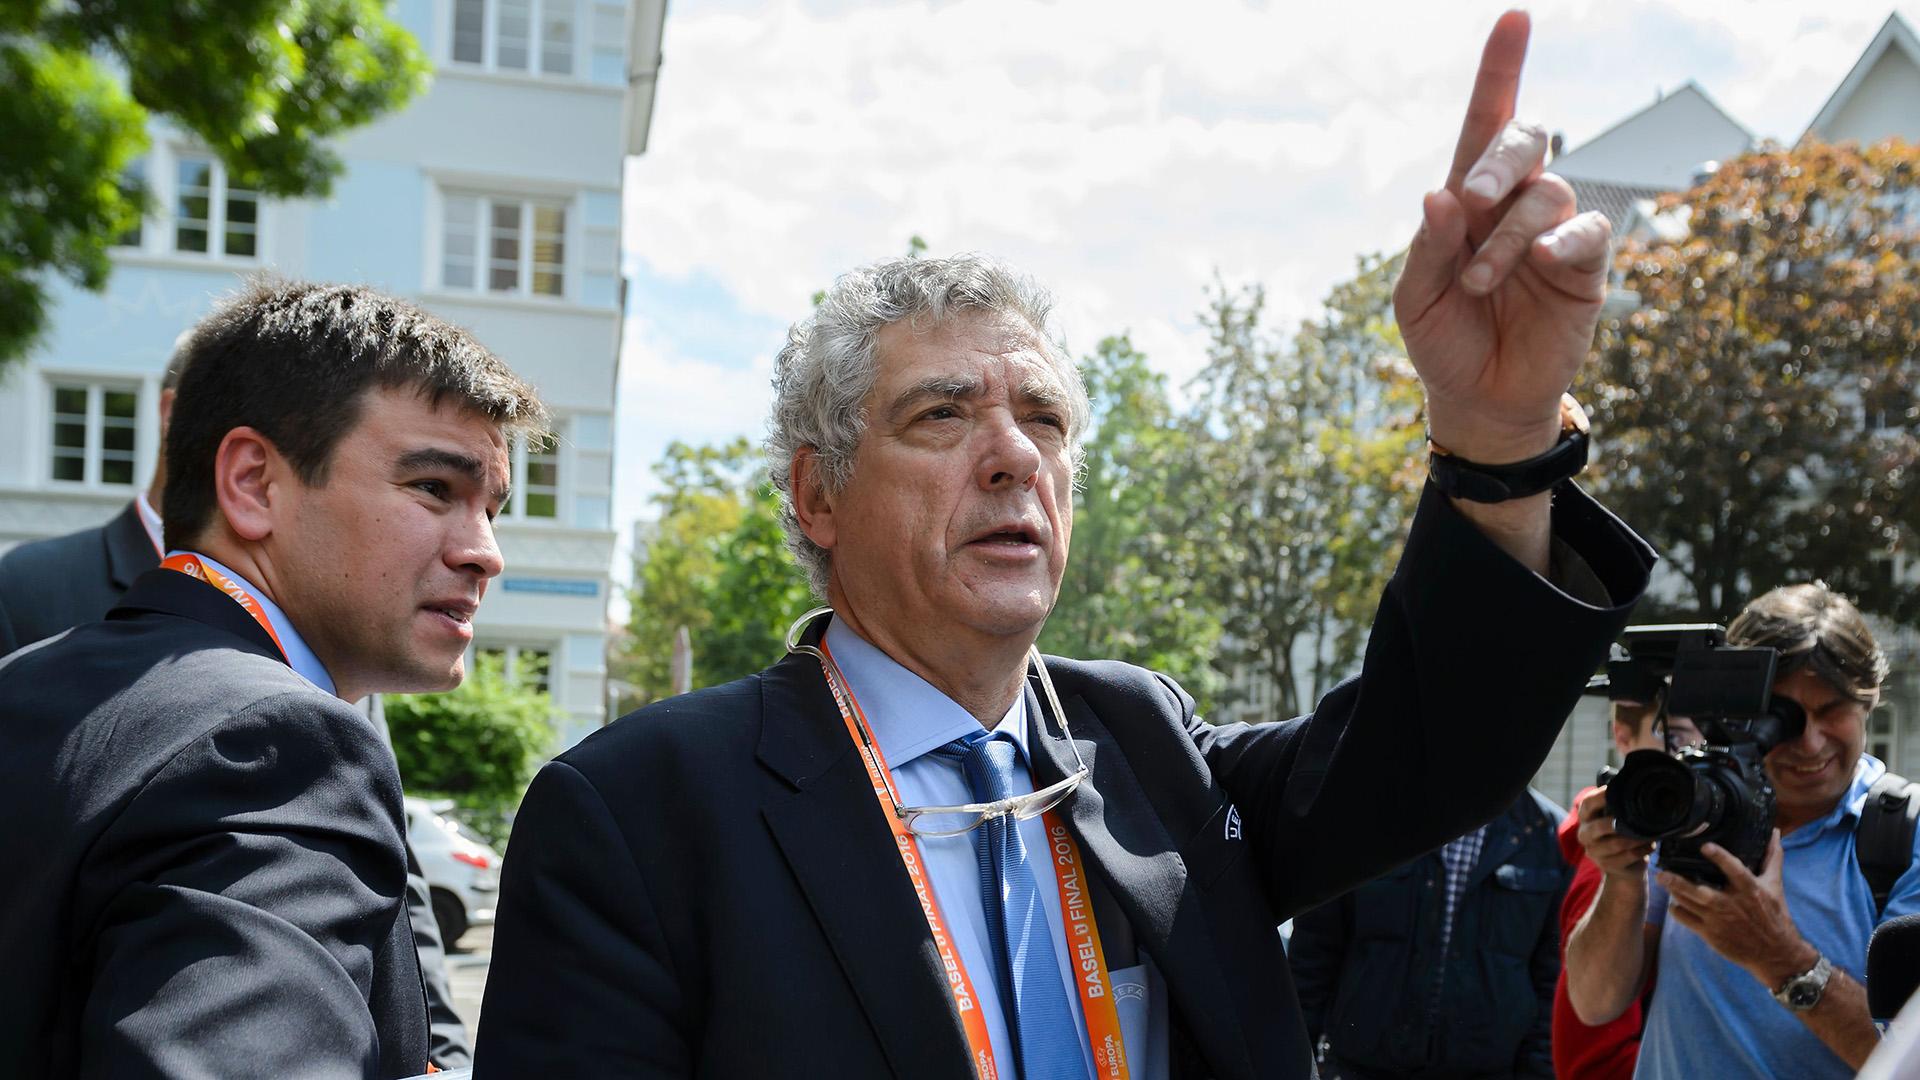 Mondiali Russia 2018: Spagna e Perù rischiano l'esclusione, Italia ripescata?